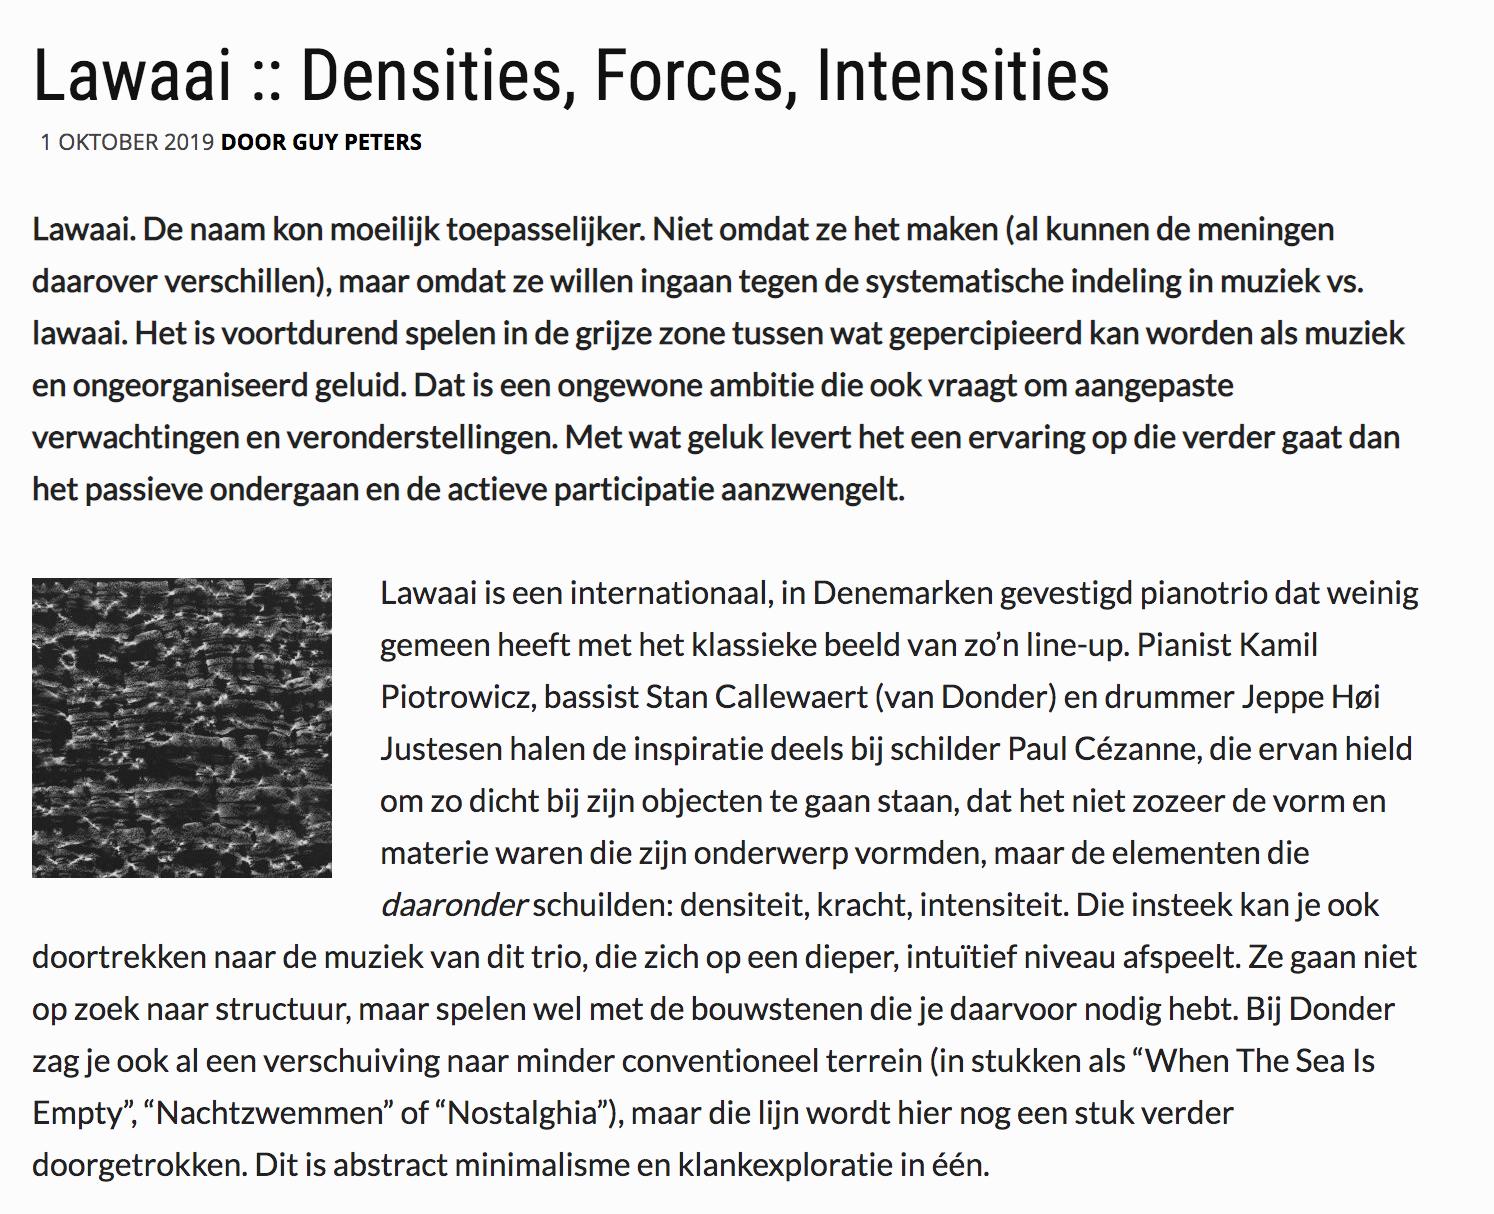 lawaai densities forces intensities enola